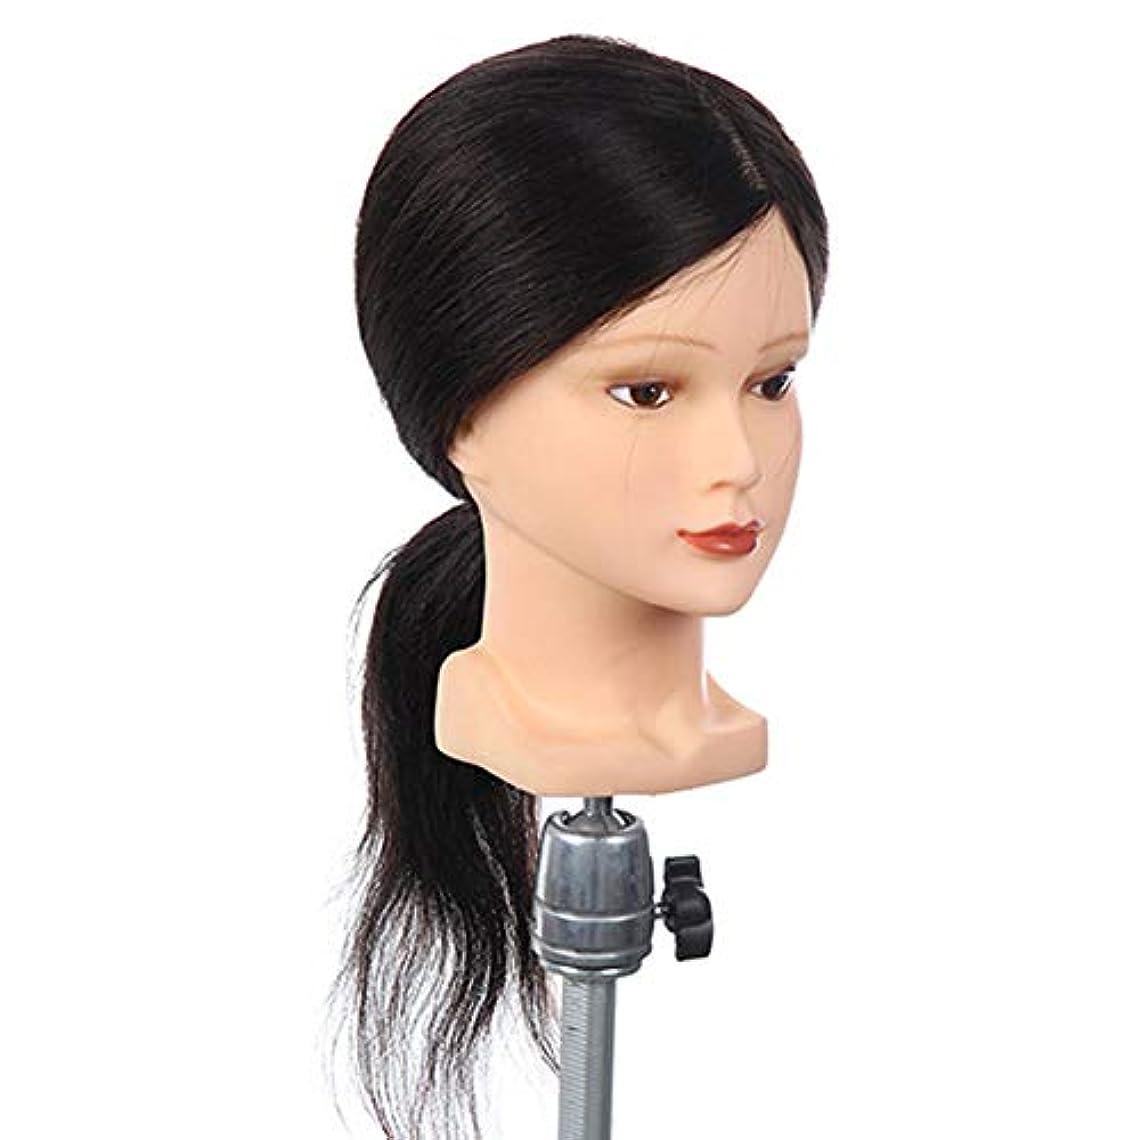 予算最悪非効率的な100%本物の髪型モデルヘッド花嫁ヘアエクササイズヘッド金型理髪店学習ダミーヘッドはパーマ毛髪染料することができます